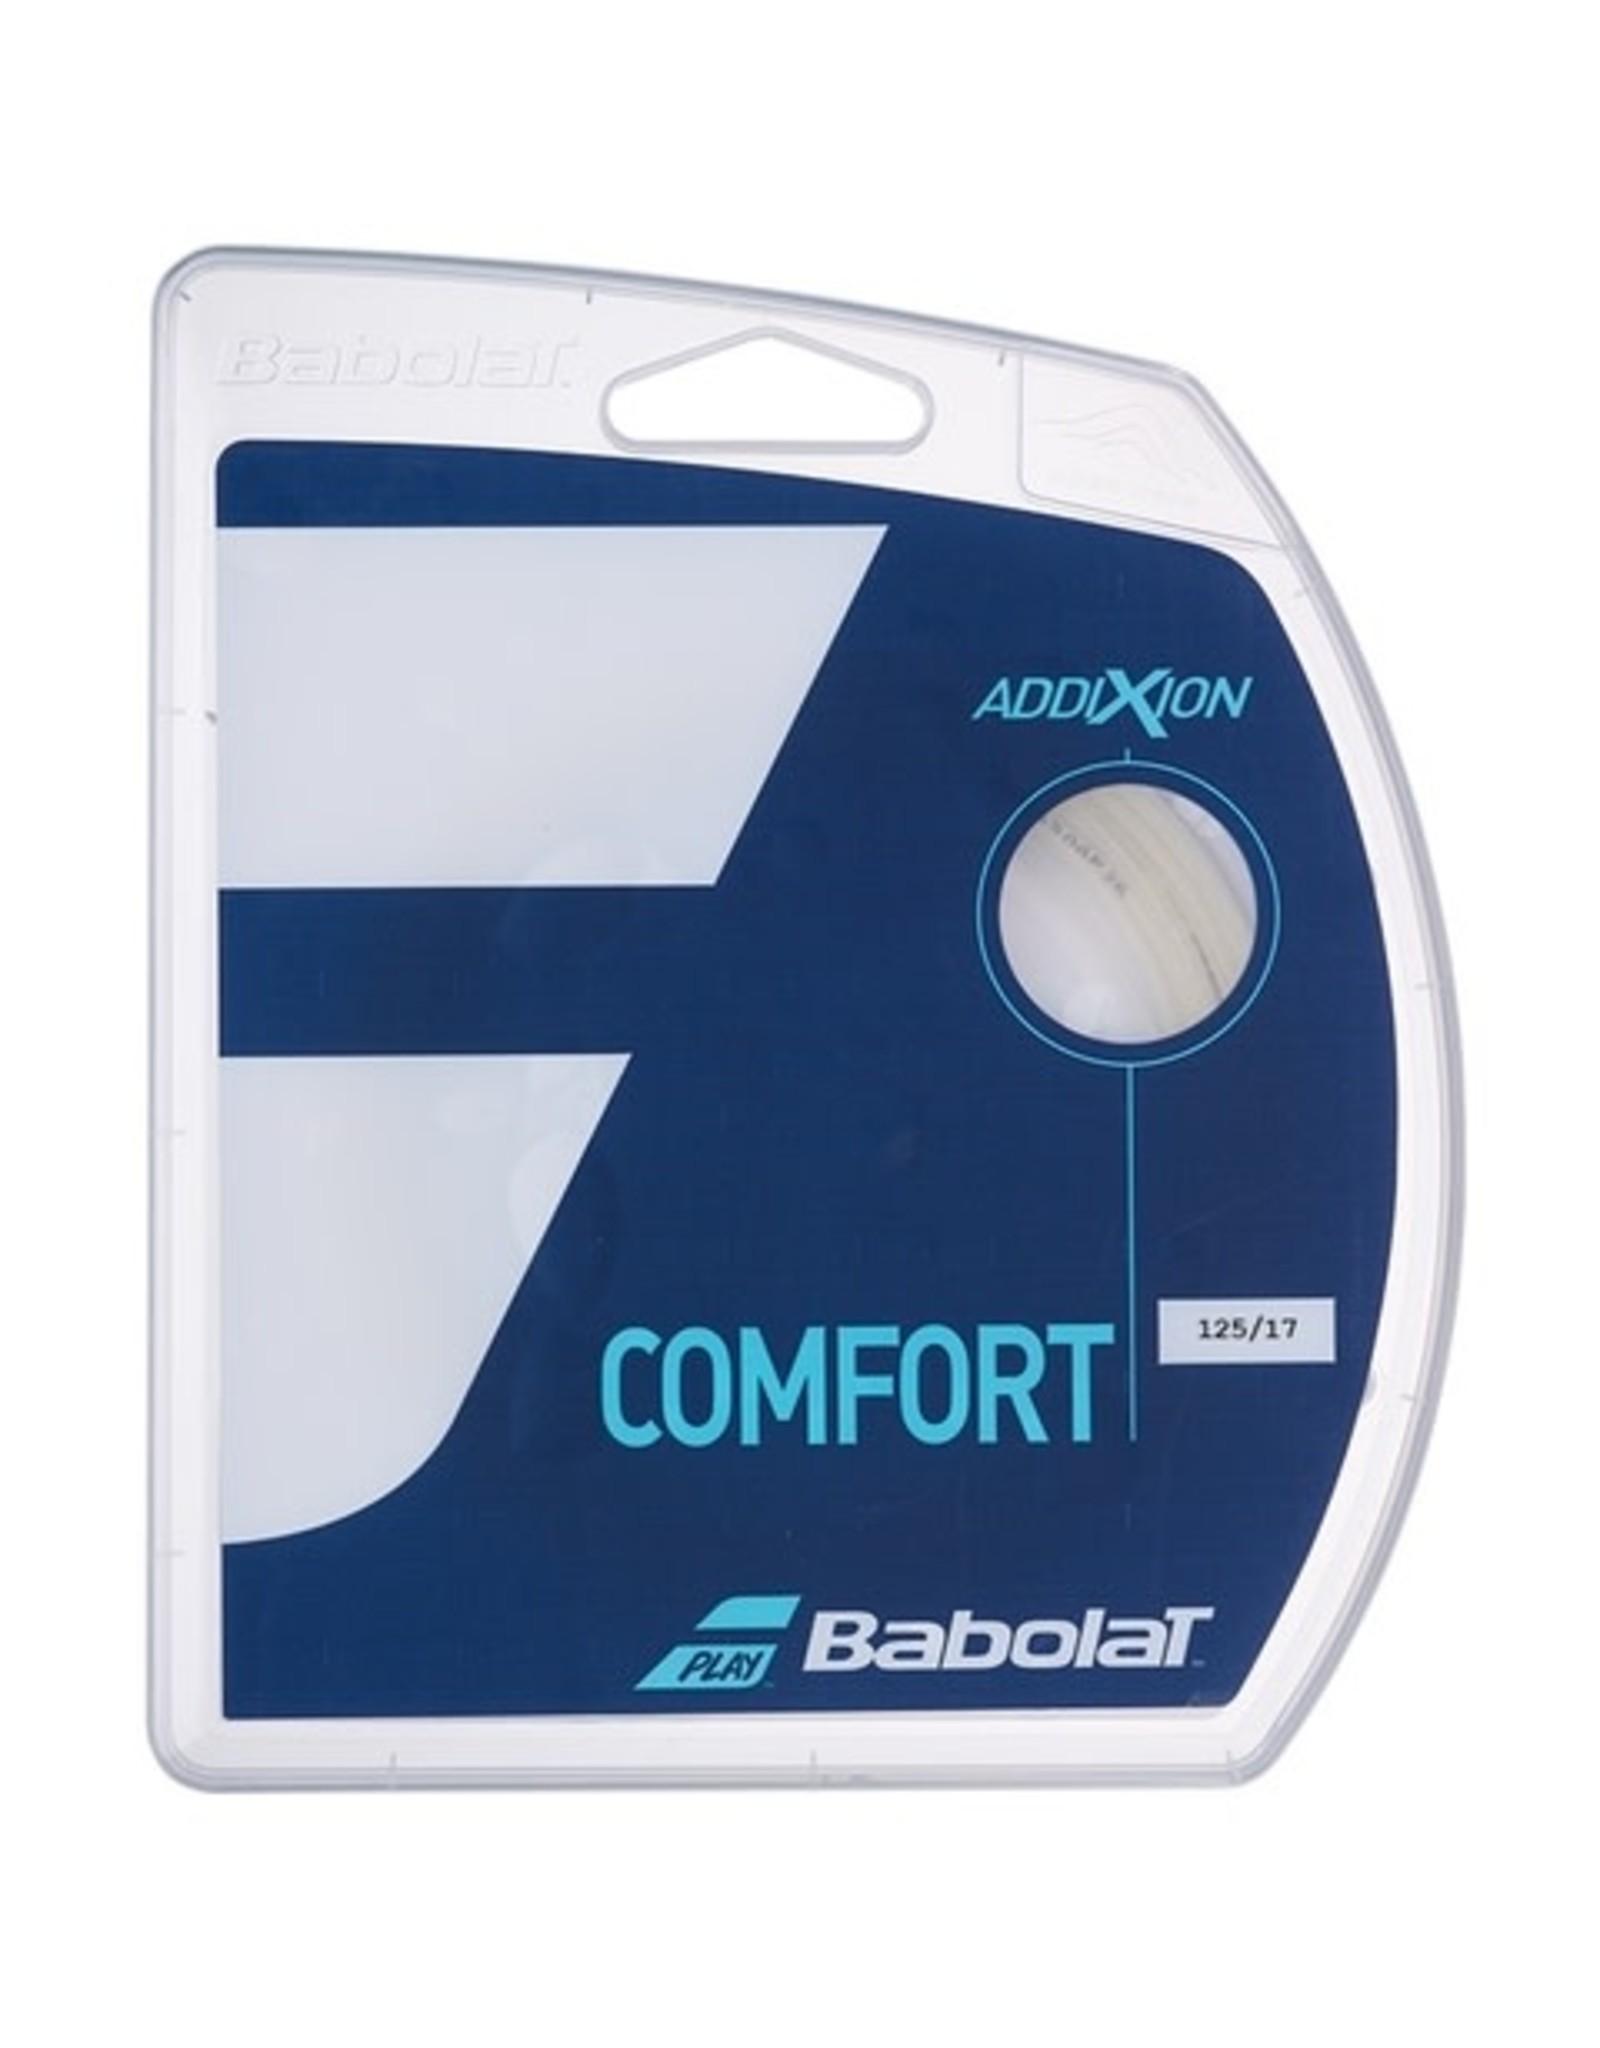 Babolat Babolat Addixion String